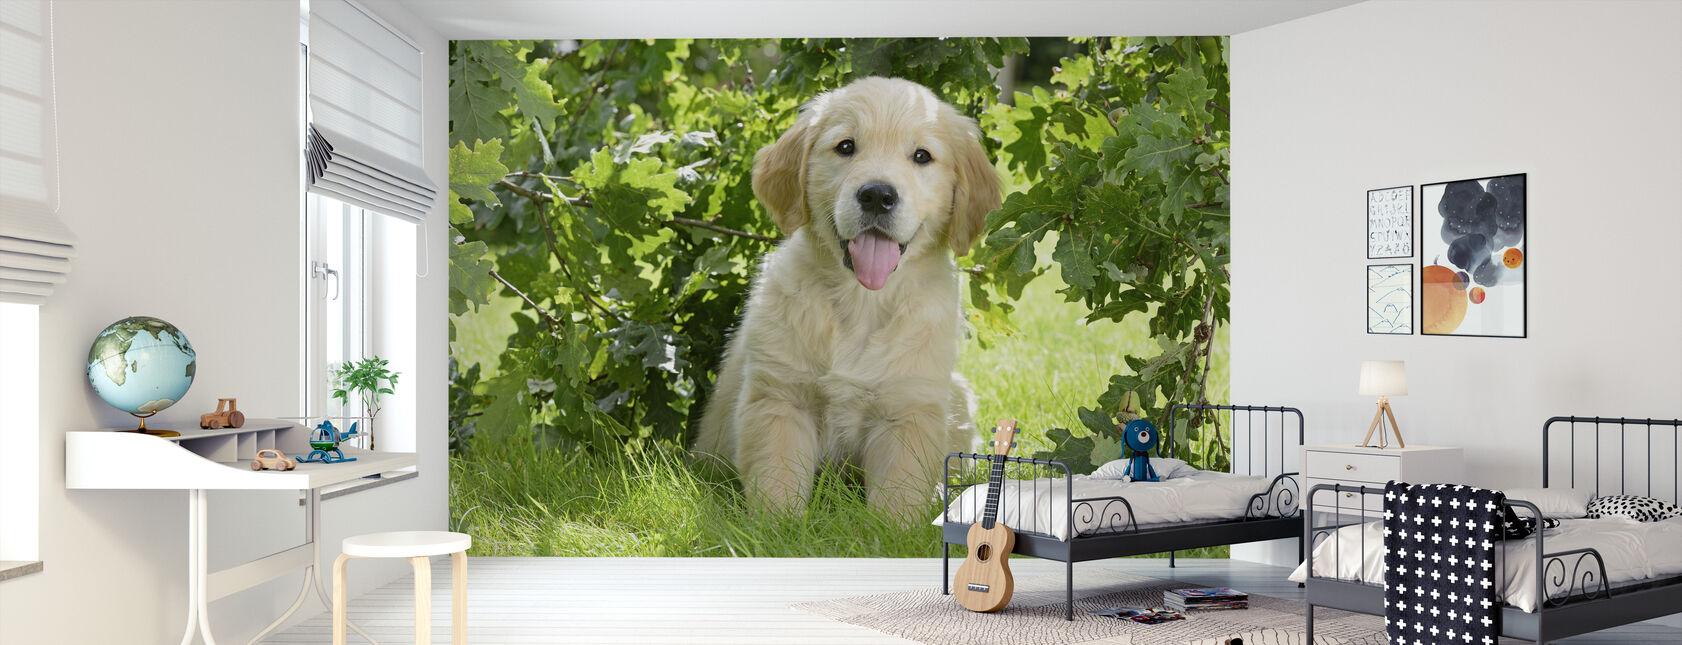 Golden Retriever Puppy - Behang - Kinderkamer